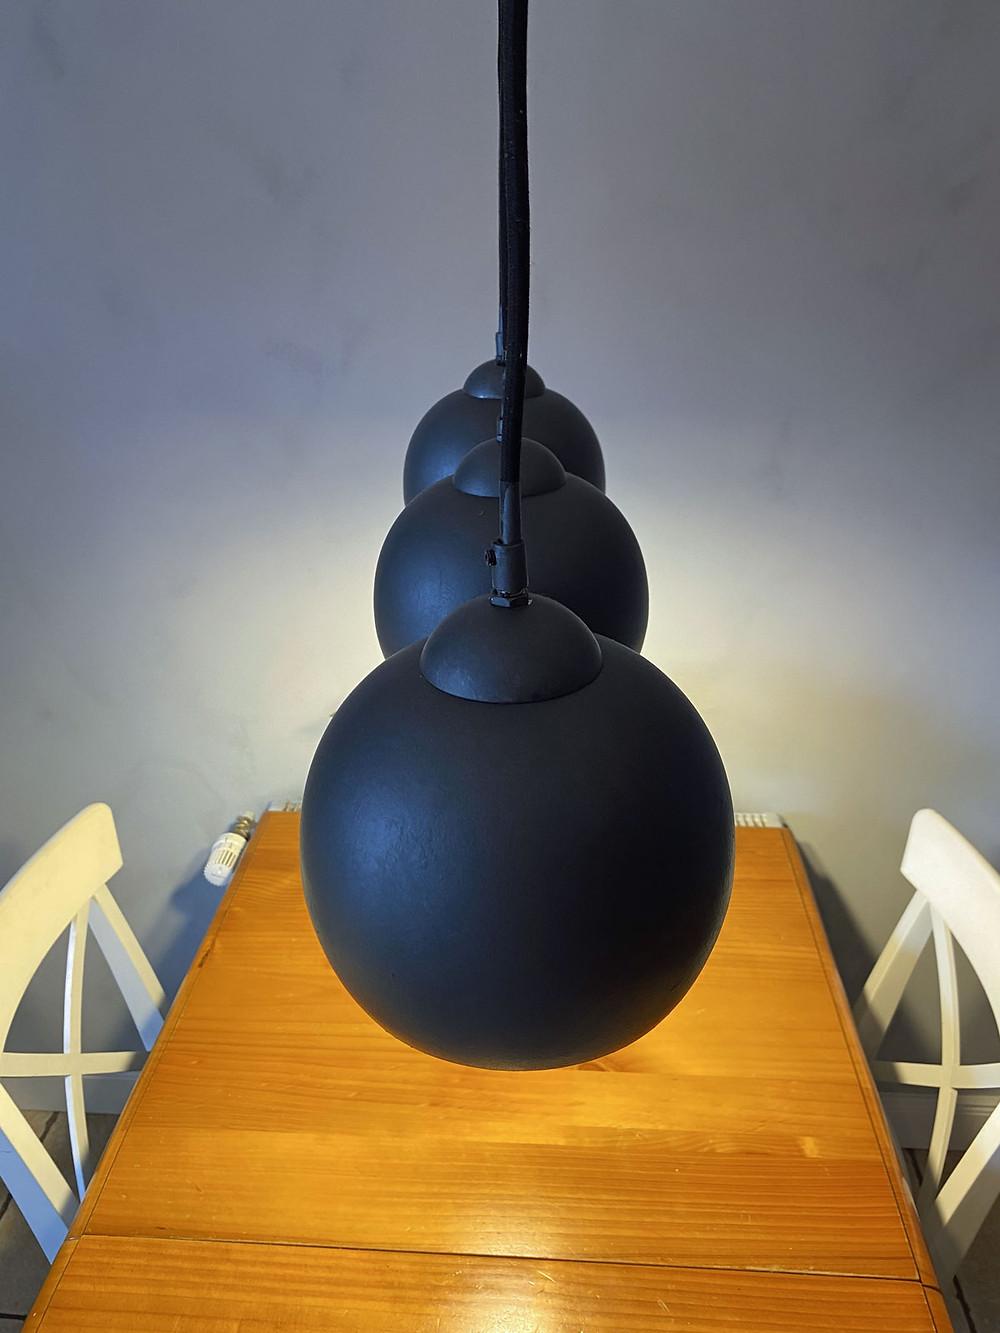 Industriestil für die Deckenlampe mit Kreidefarbe